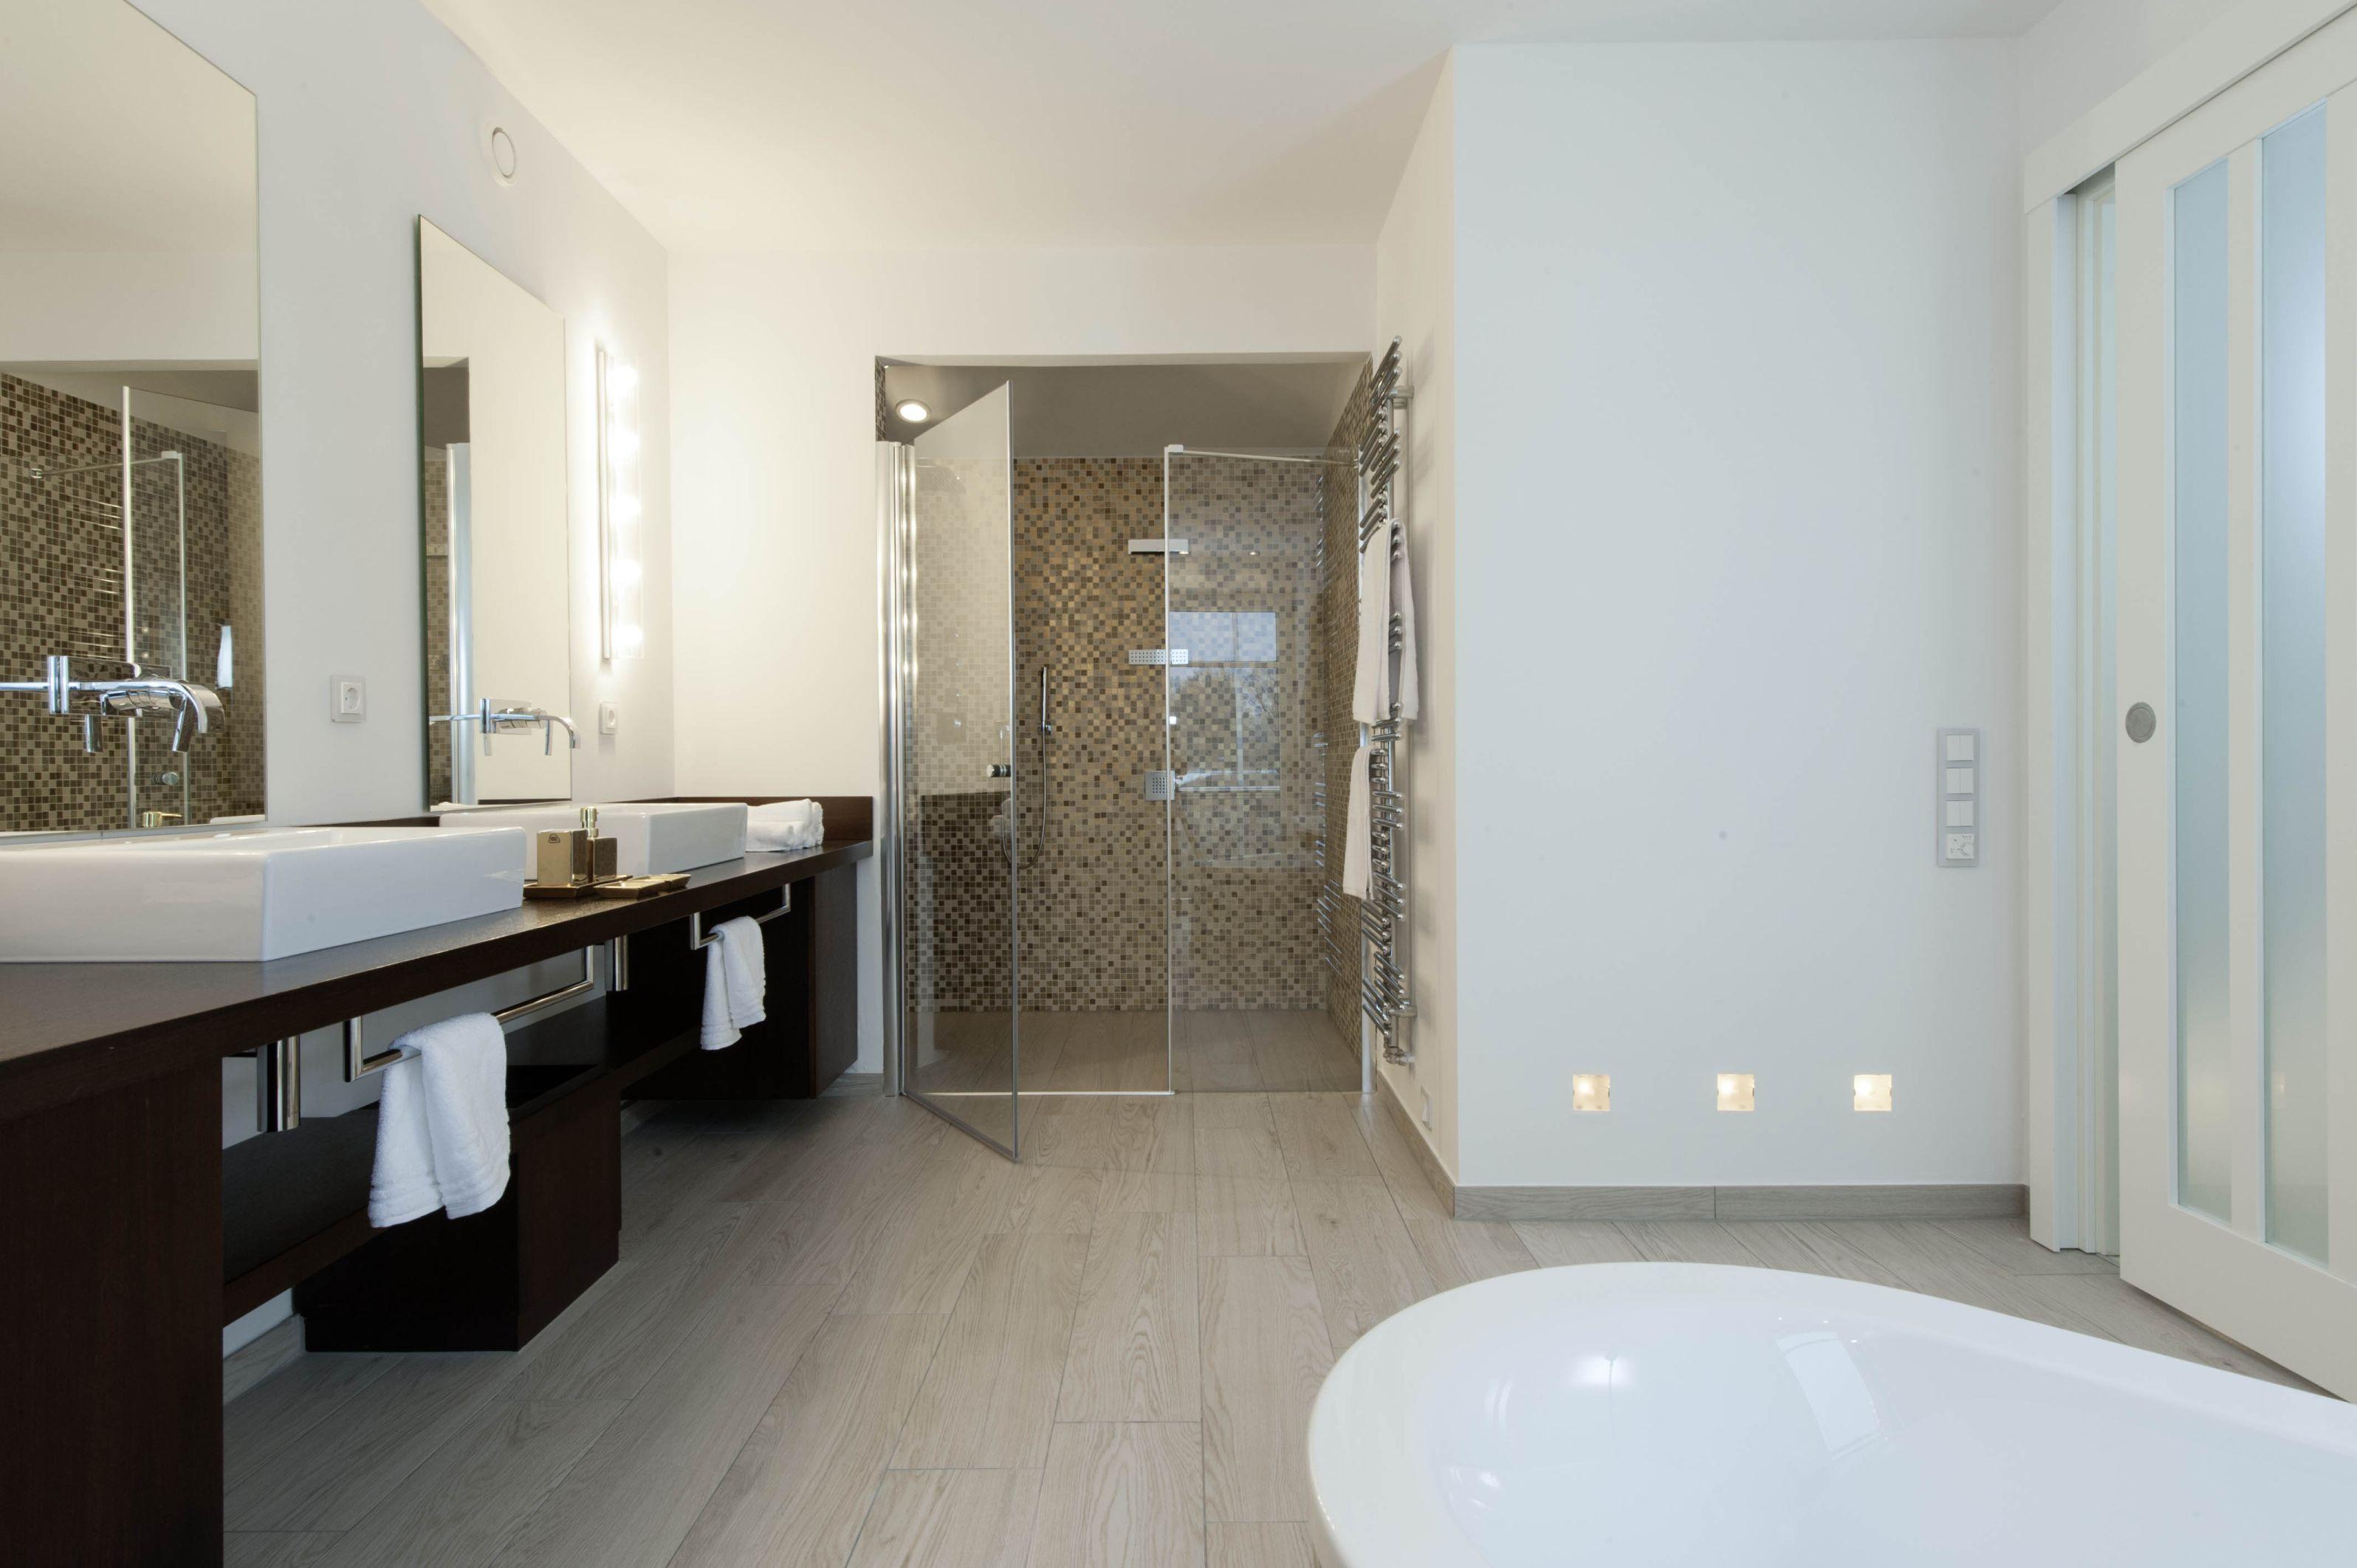 Pin Von Melanie Tiefenbeck Auf Haus 222 Haus Einrichten Badezimmer Sanieren Badezimmer